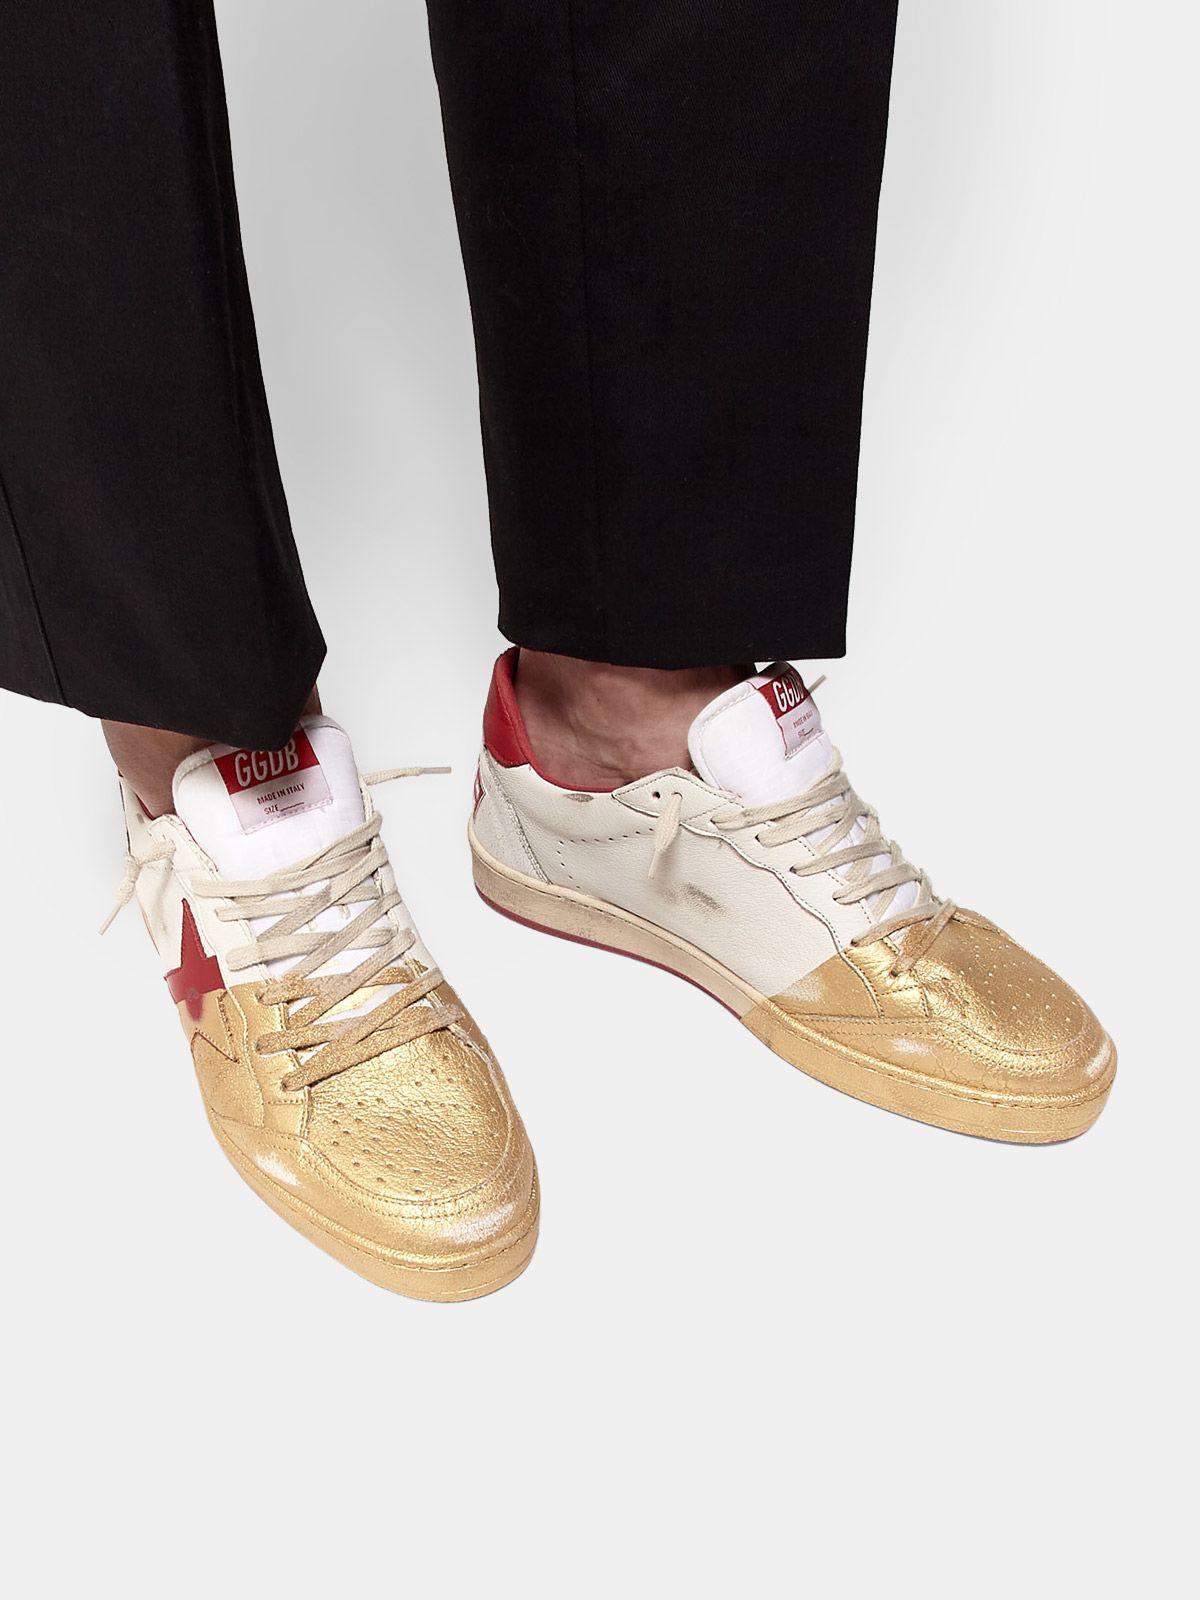 Golden Goose - Sneakers Ball Star in pelle con verniciatura dorata sul davanti in